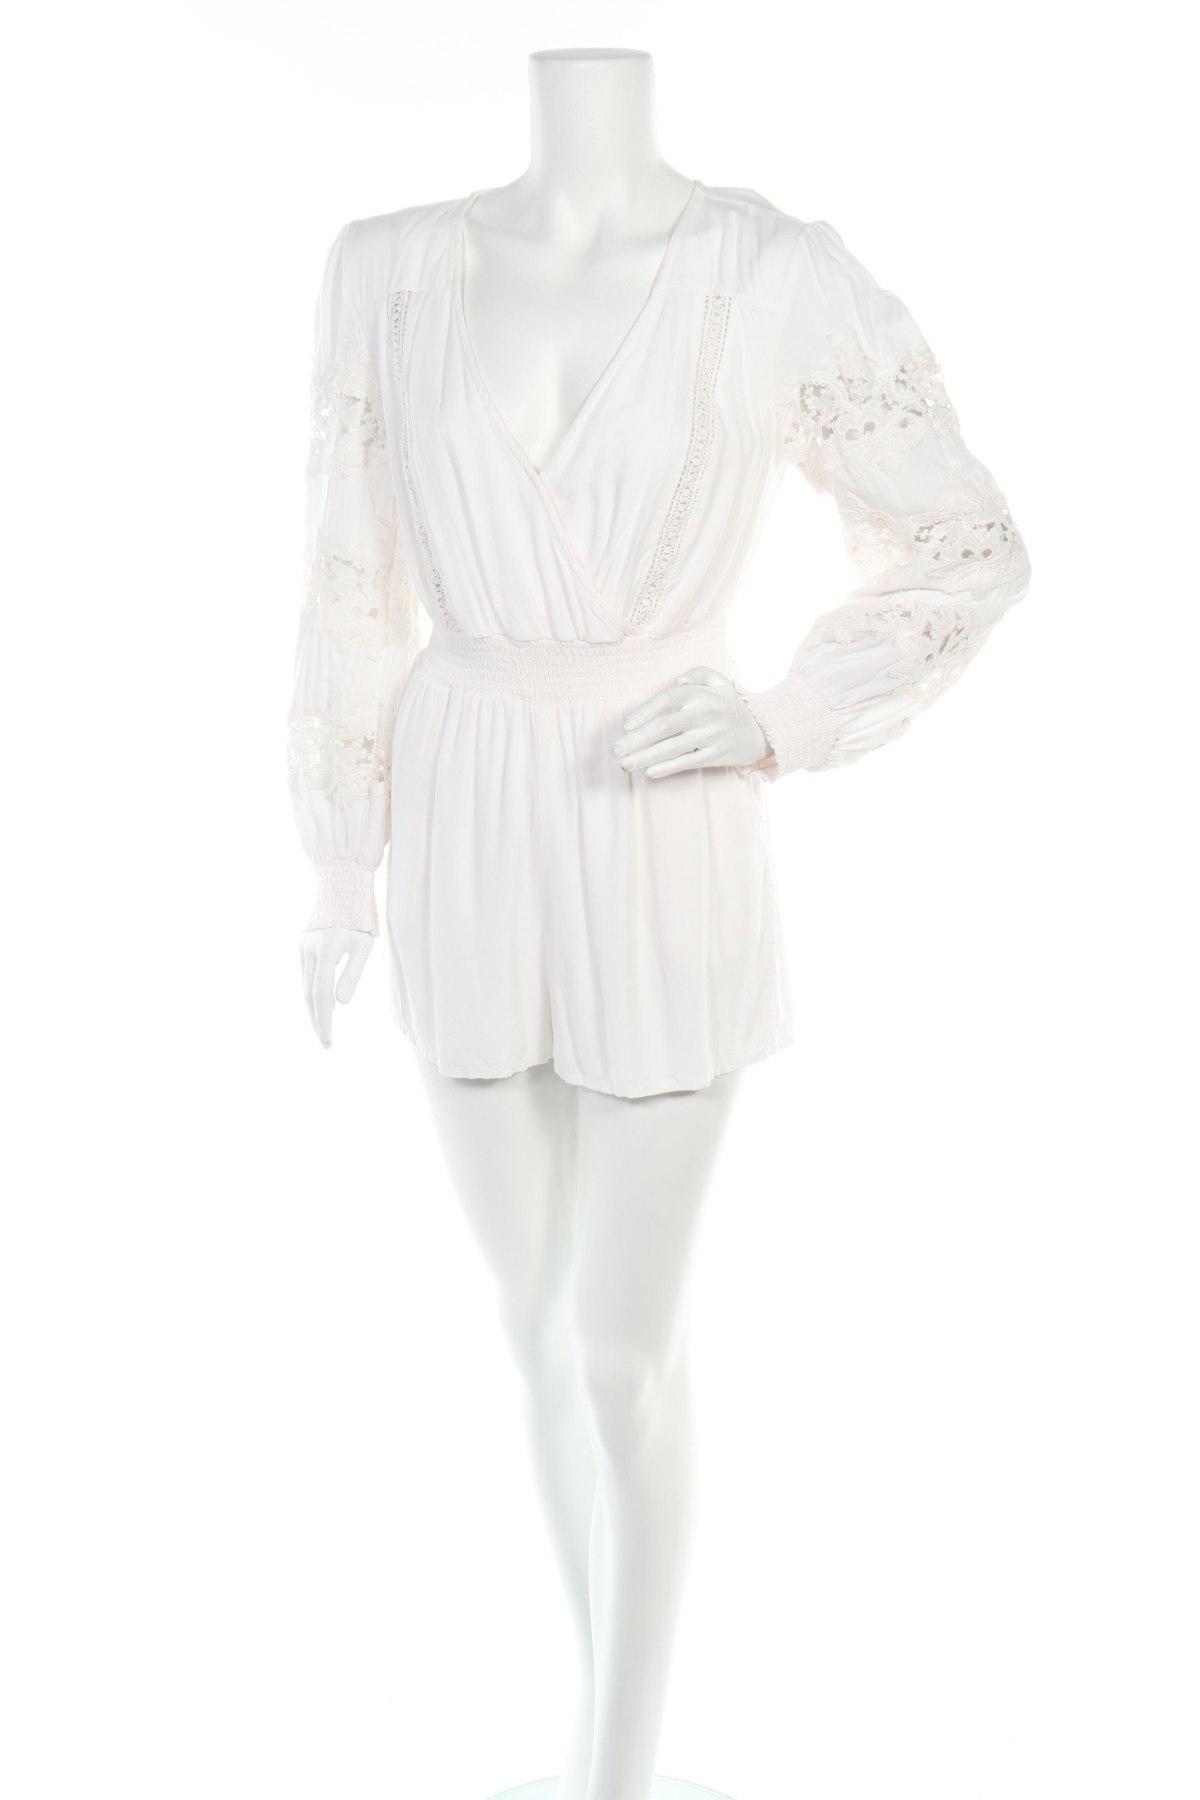 Γυναικεία σαλοπέτα Guess, Μέγεθος M, Χρώμα  Μπέζ, Βισκόζη, Τιμή 50,52€